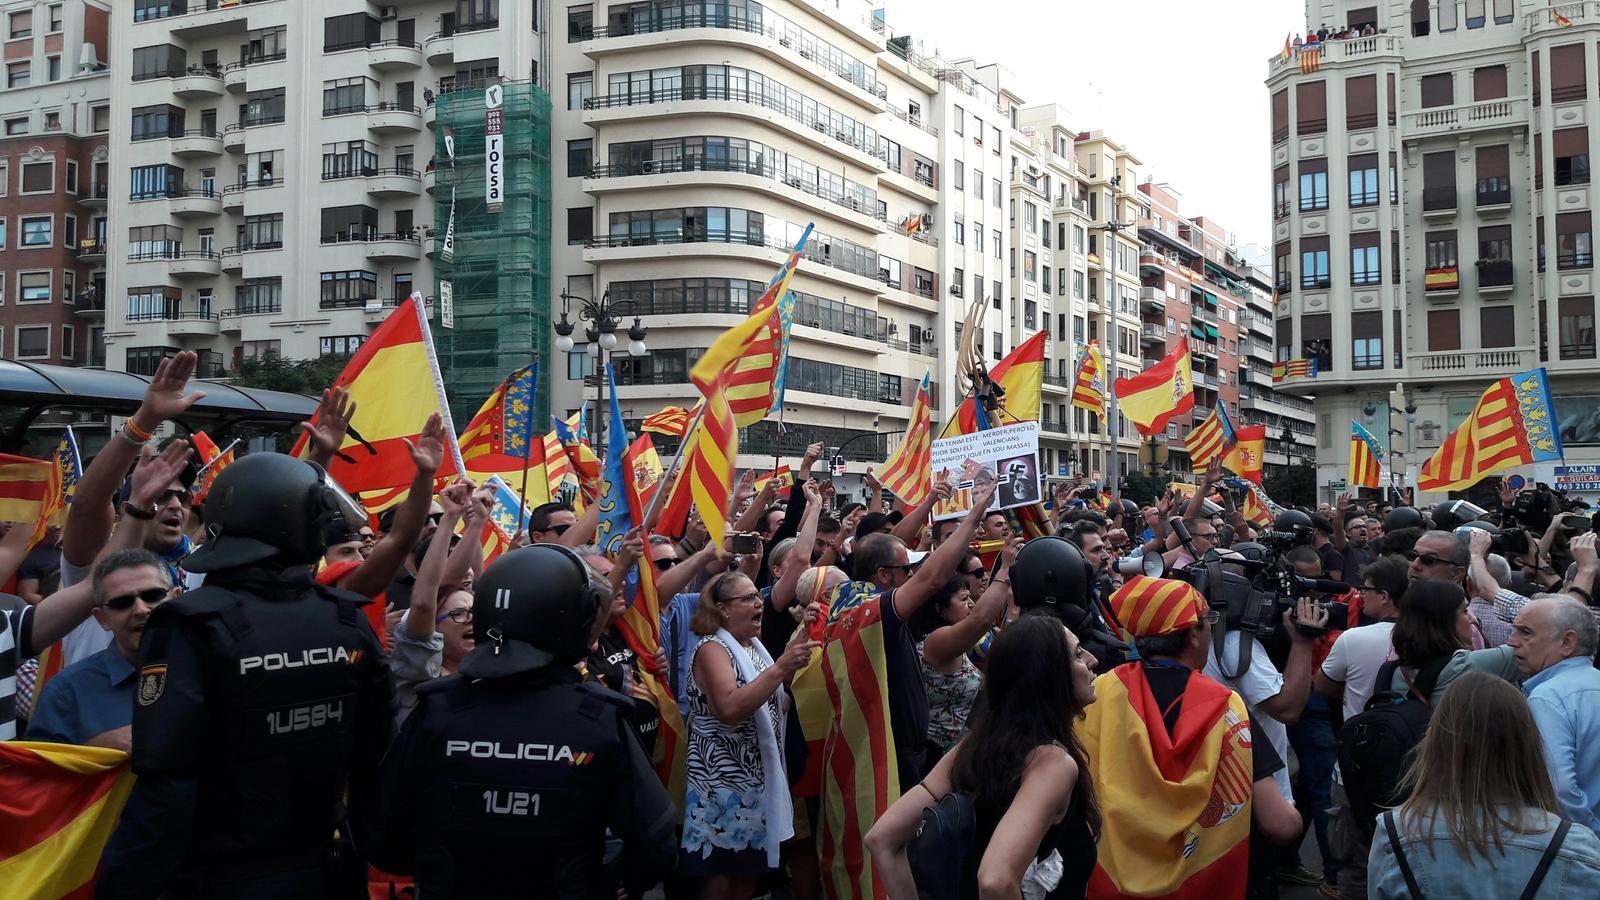 Un dels moments on els seguidors de formacions ultres han dividit la manifestació del Nou d'Octubre.